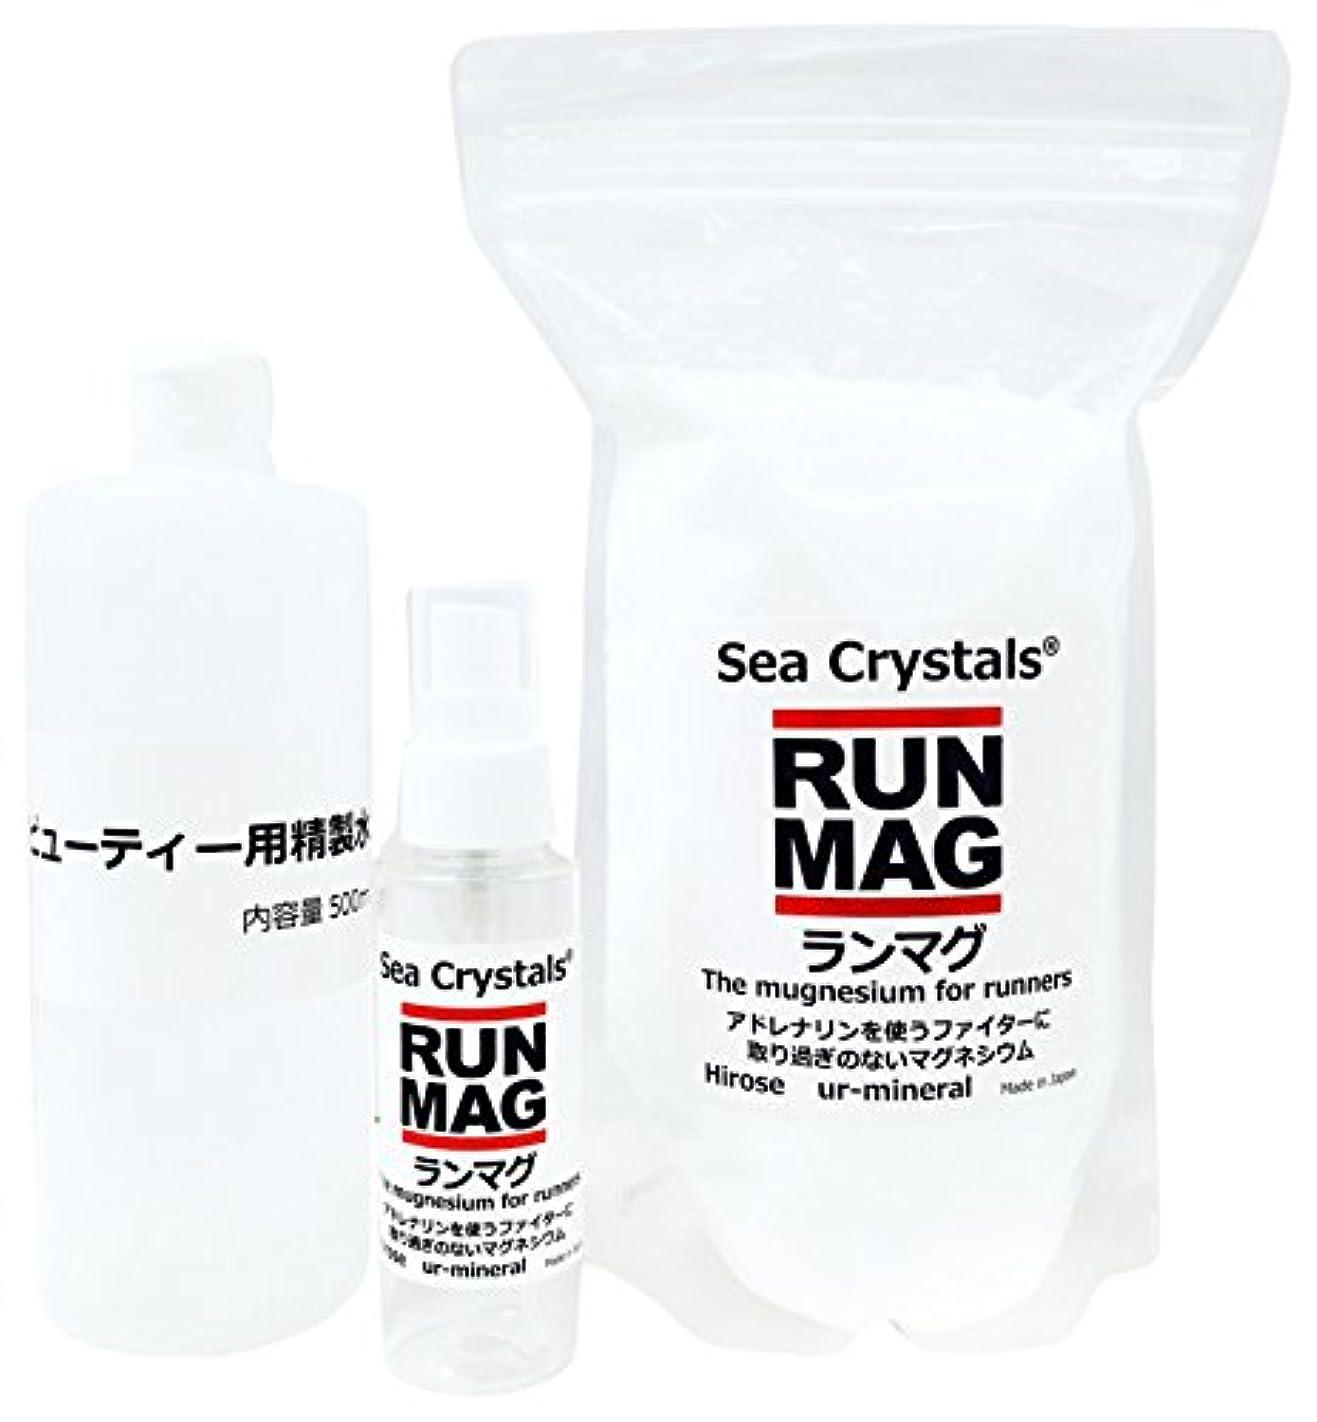 ぬれた年次大きいランマグ?マグネシウムオイル 500g 化粧品登録 日本製 1日マグネシウム360mg使用  精製水付き